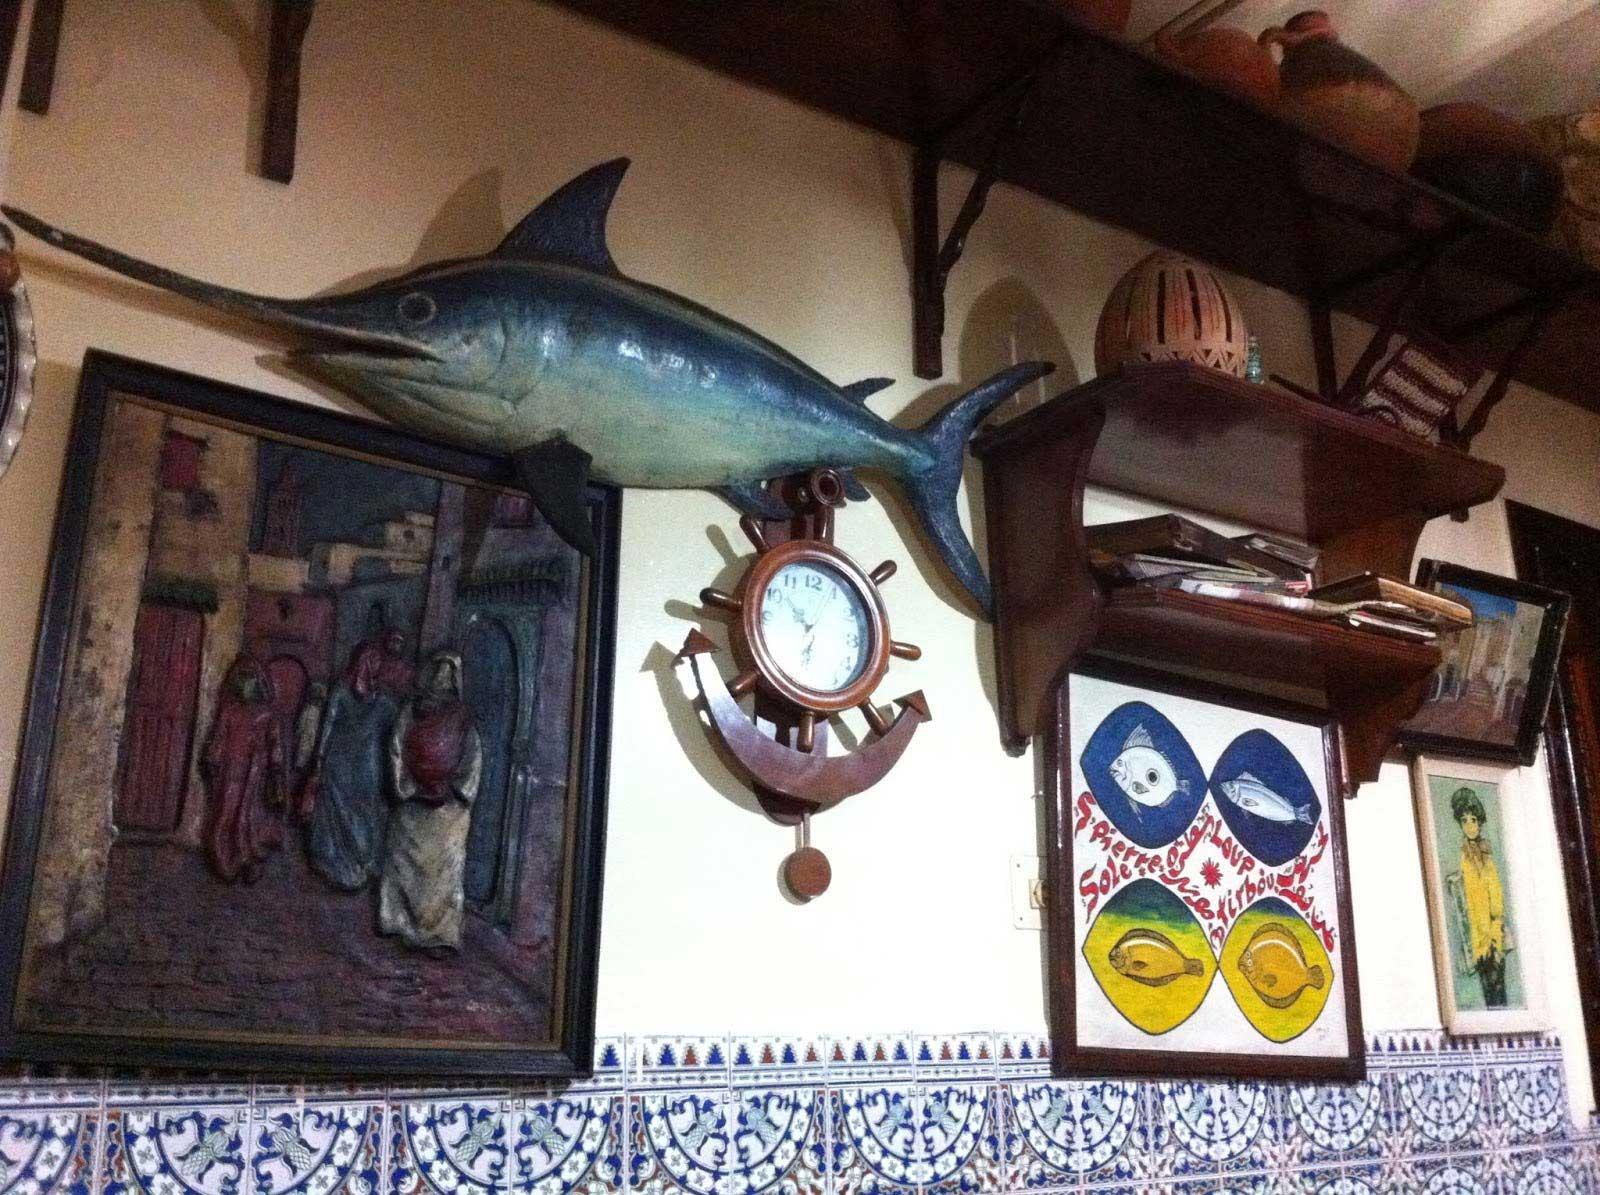 탕헤르 해산물 전문 단품 요릿집 Populaire Saveur De Poisson의 벽장식